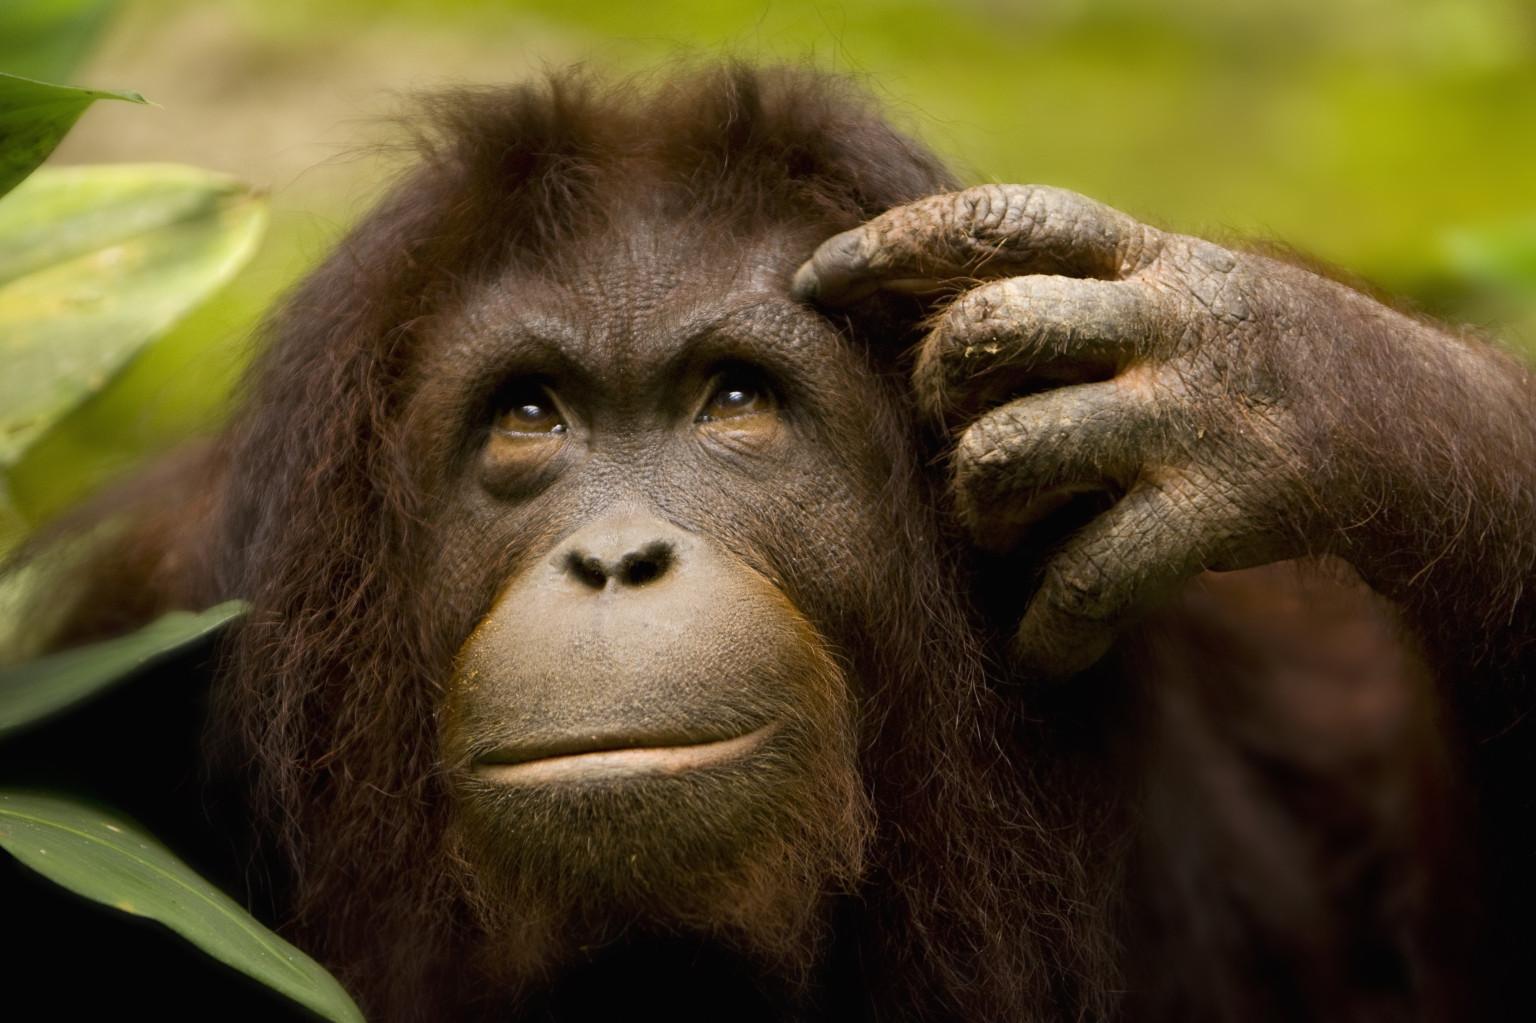 Monkey kiss face